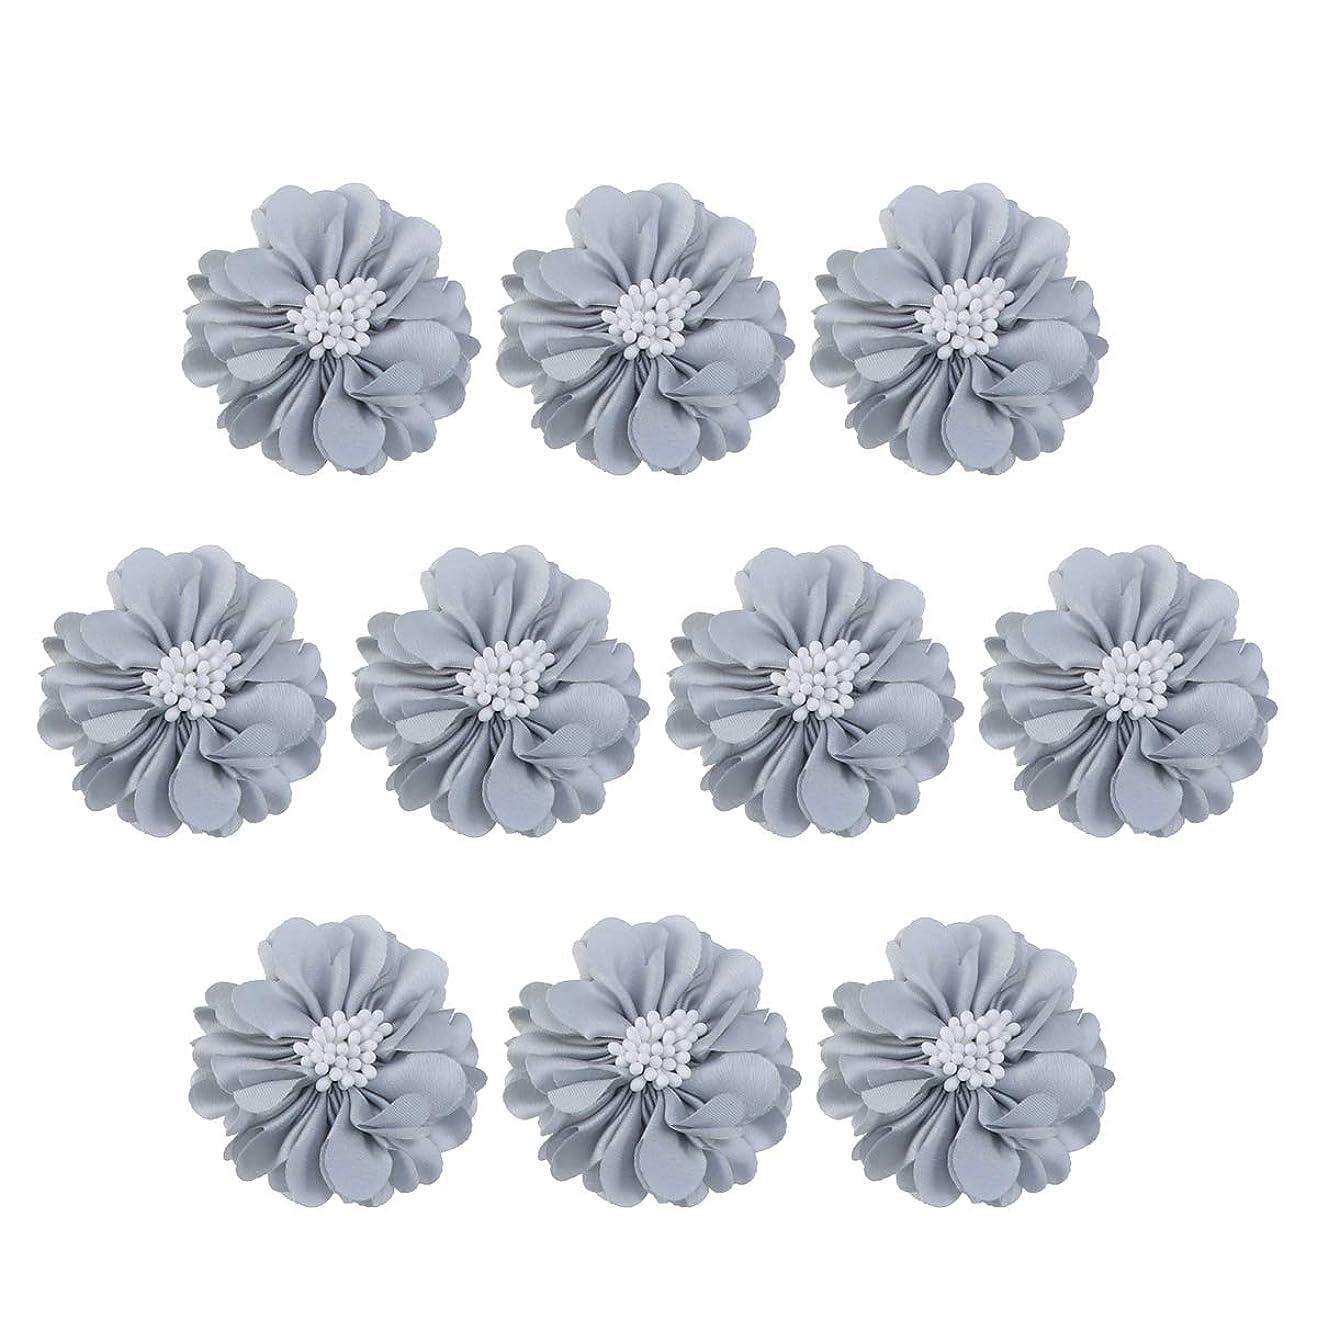 ツーリスト影響慈悲深いVosarea 10個装飾シフォン花平底美しいDIY手作りぼろぼろの花のヘアクリップヘアアクセサリー(ブルー)